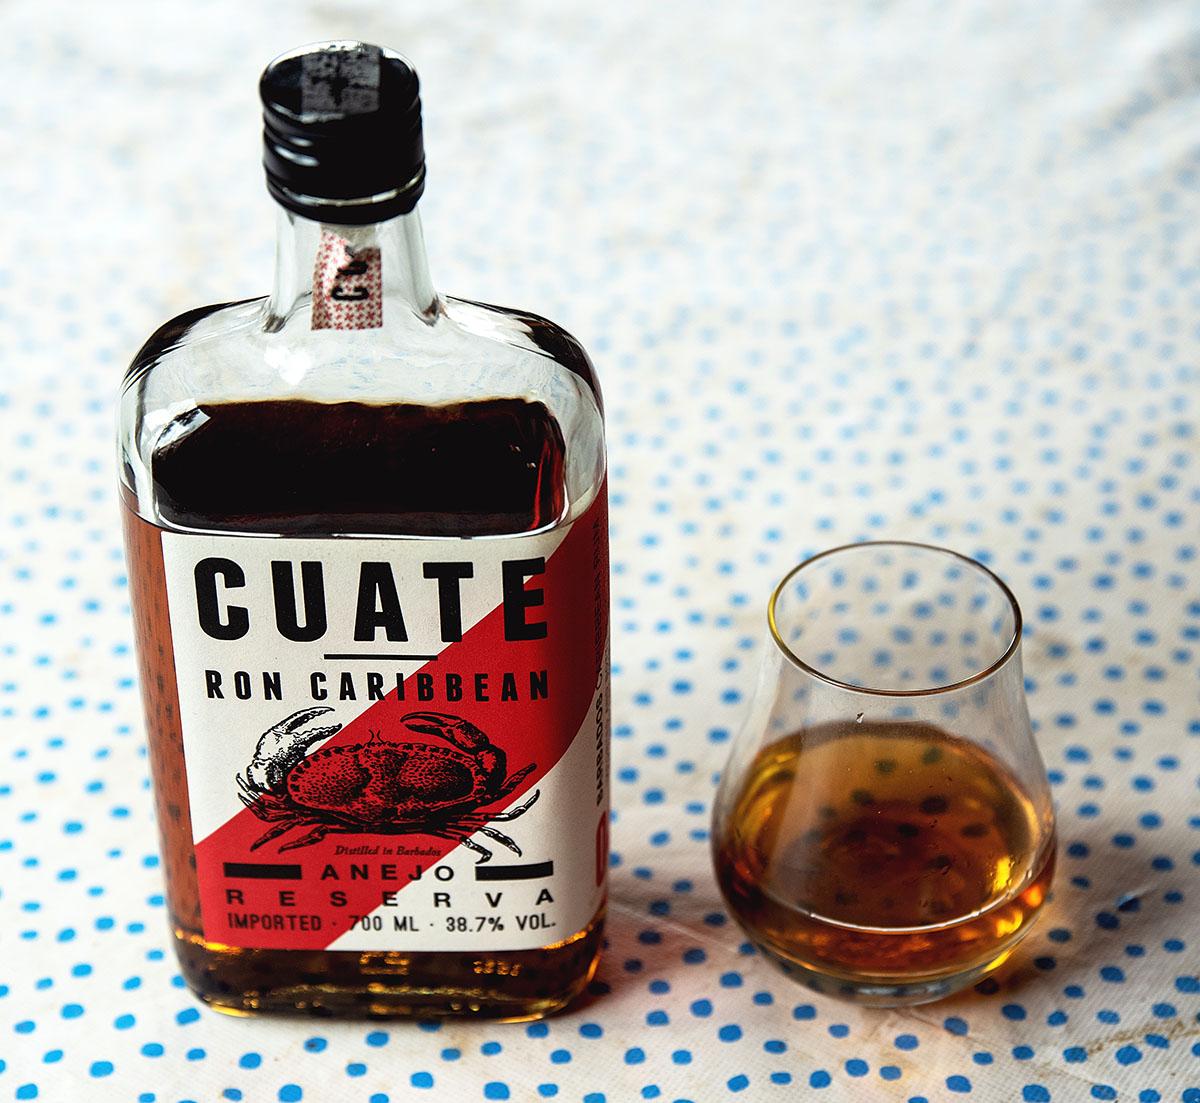 cuate rum.jpg